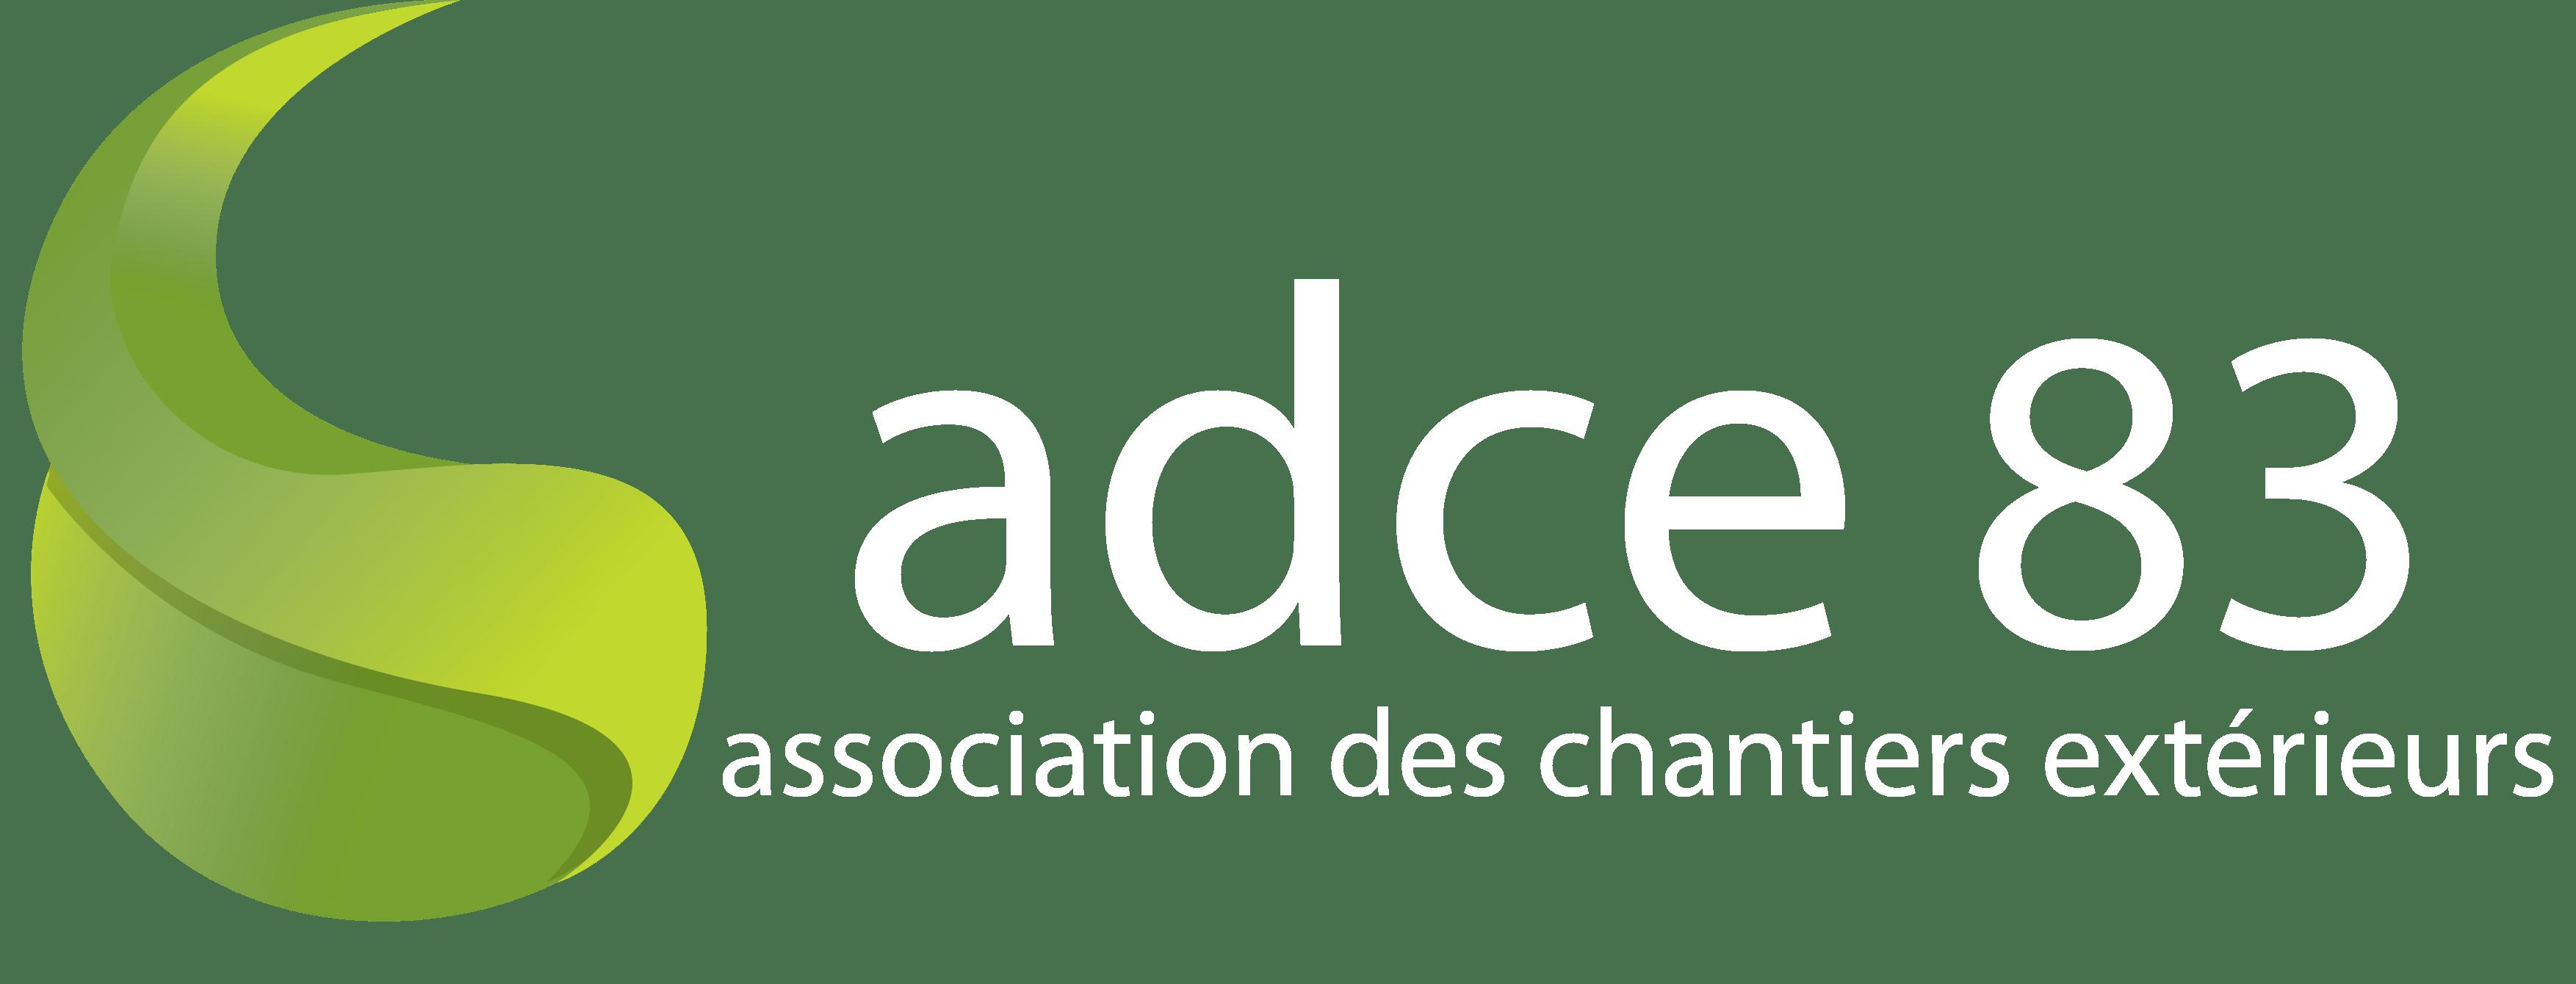 adce83